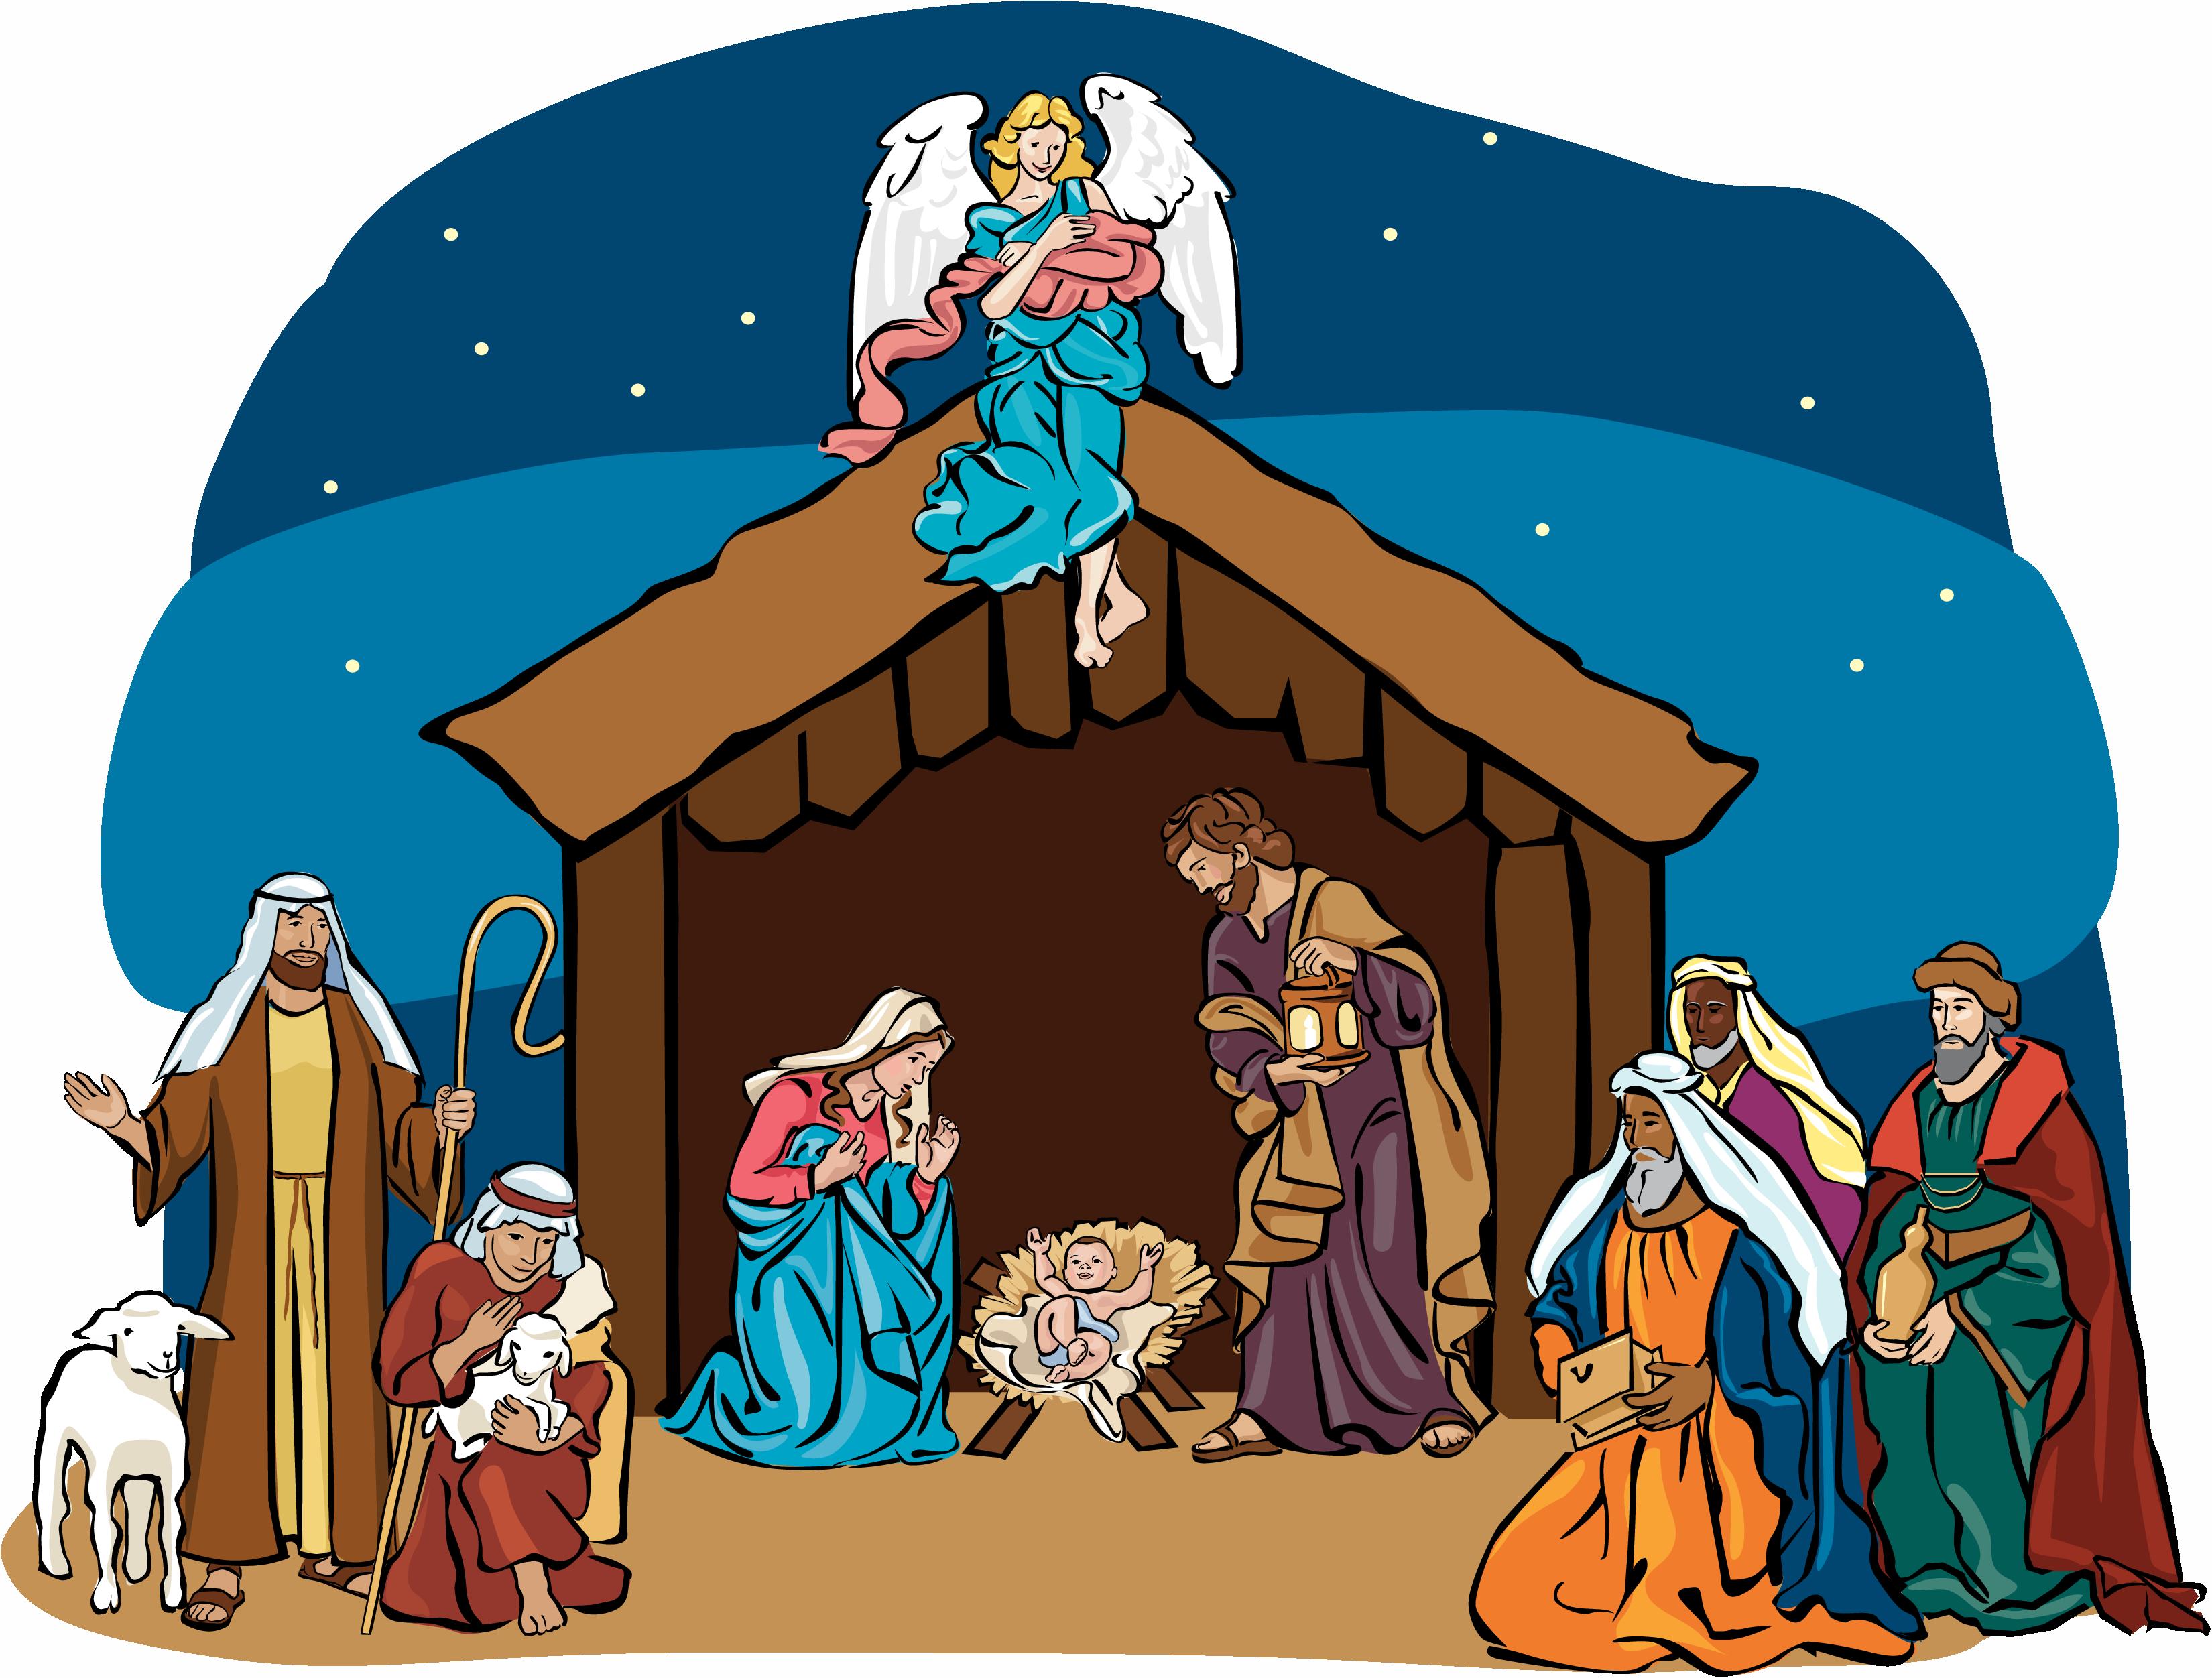 Jesus clipart manger, Jesus manger Transparent FREE for